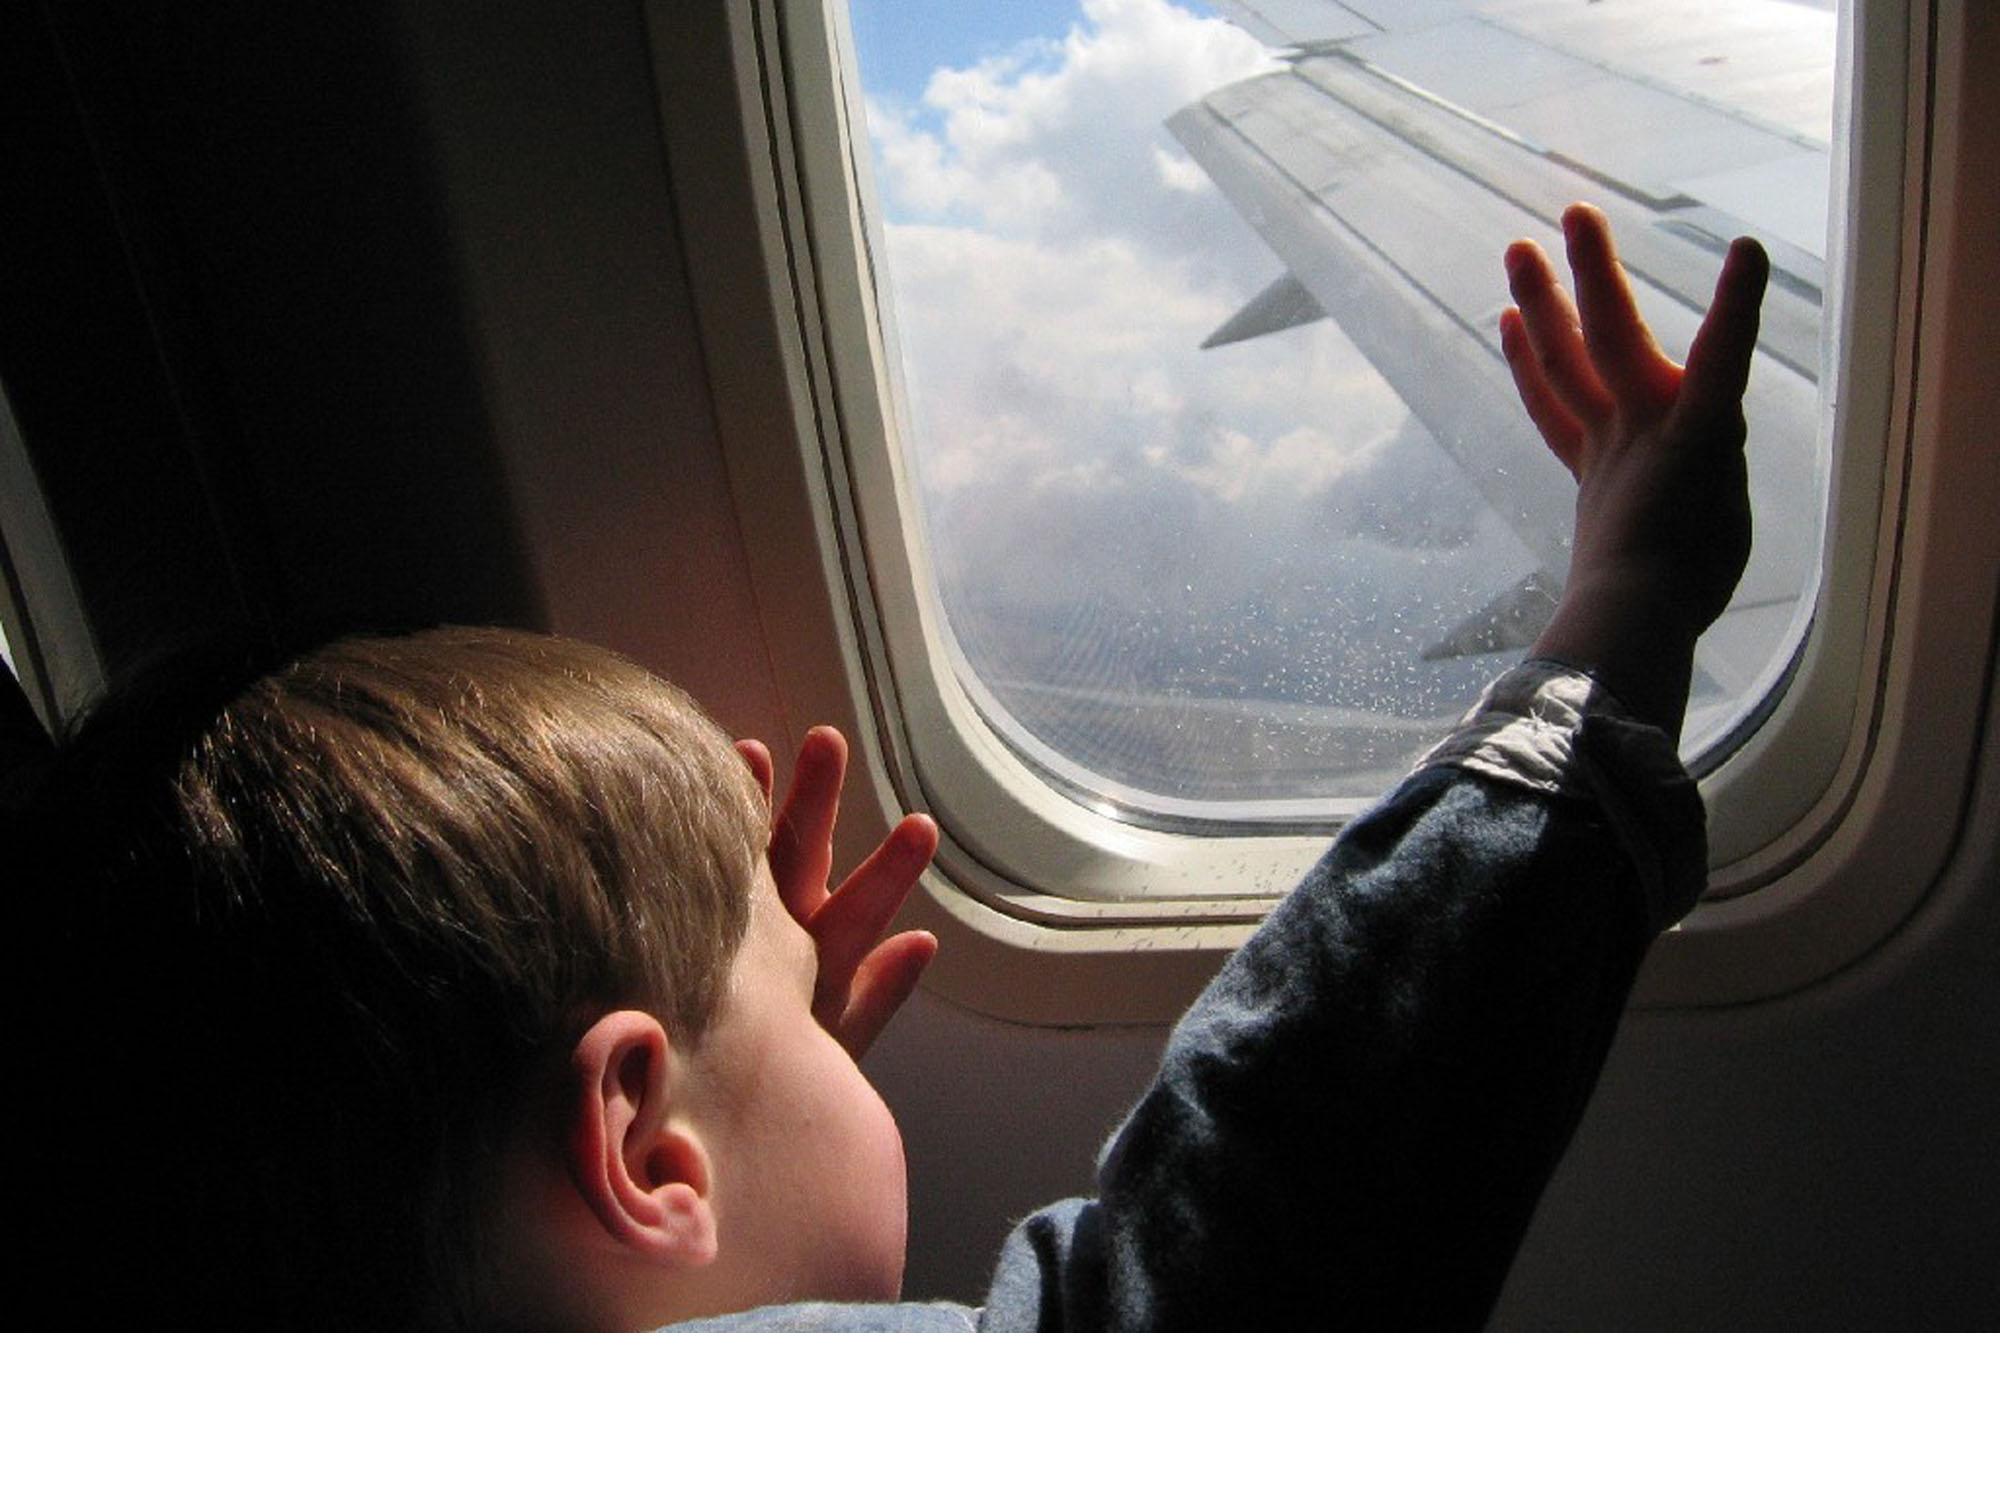 Recomendaciones Para Las Personas Que Van A Viajar A Eeuu: Embajada De Colombia En Estados Unidos